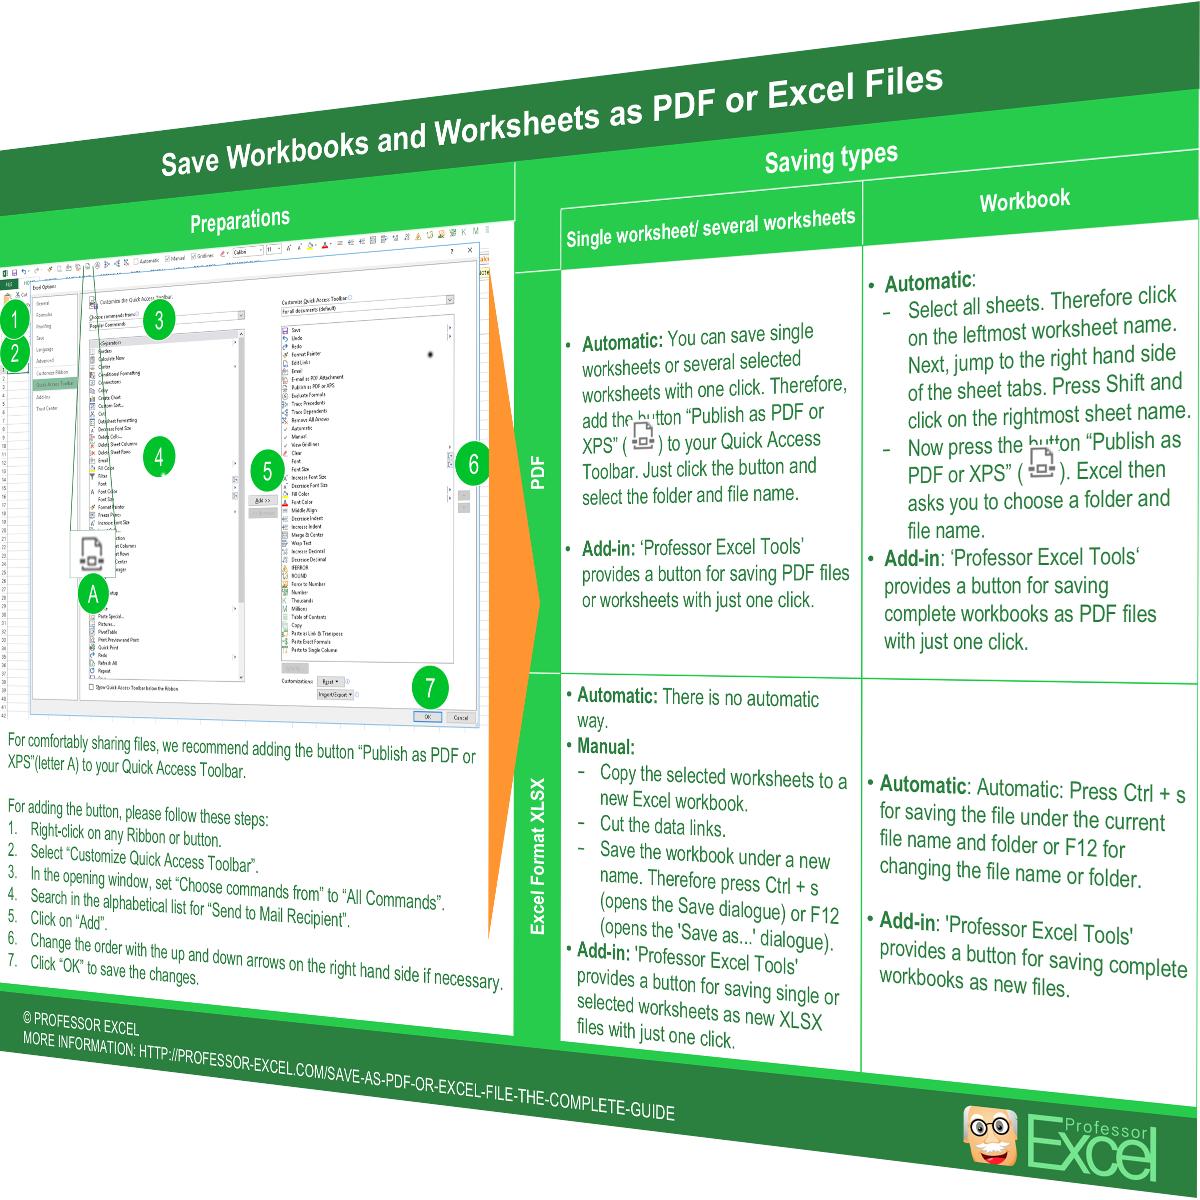 Save_Printout_Thumbnail | Professor Excel | Professor Excel